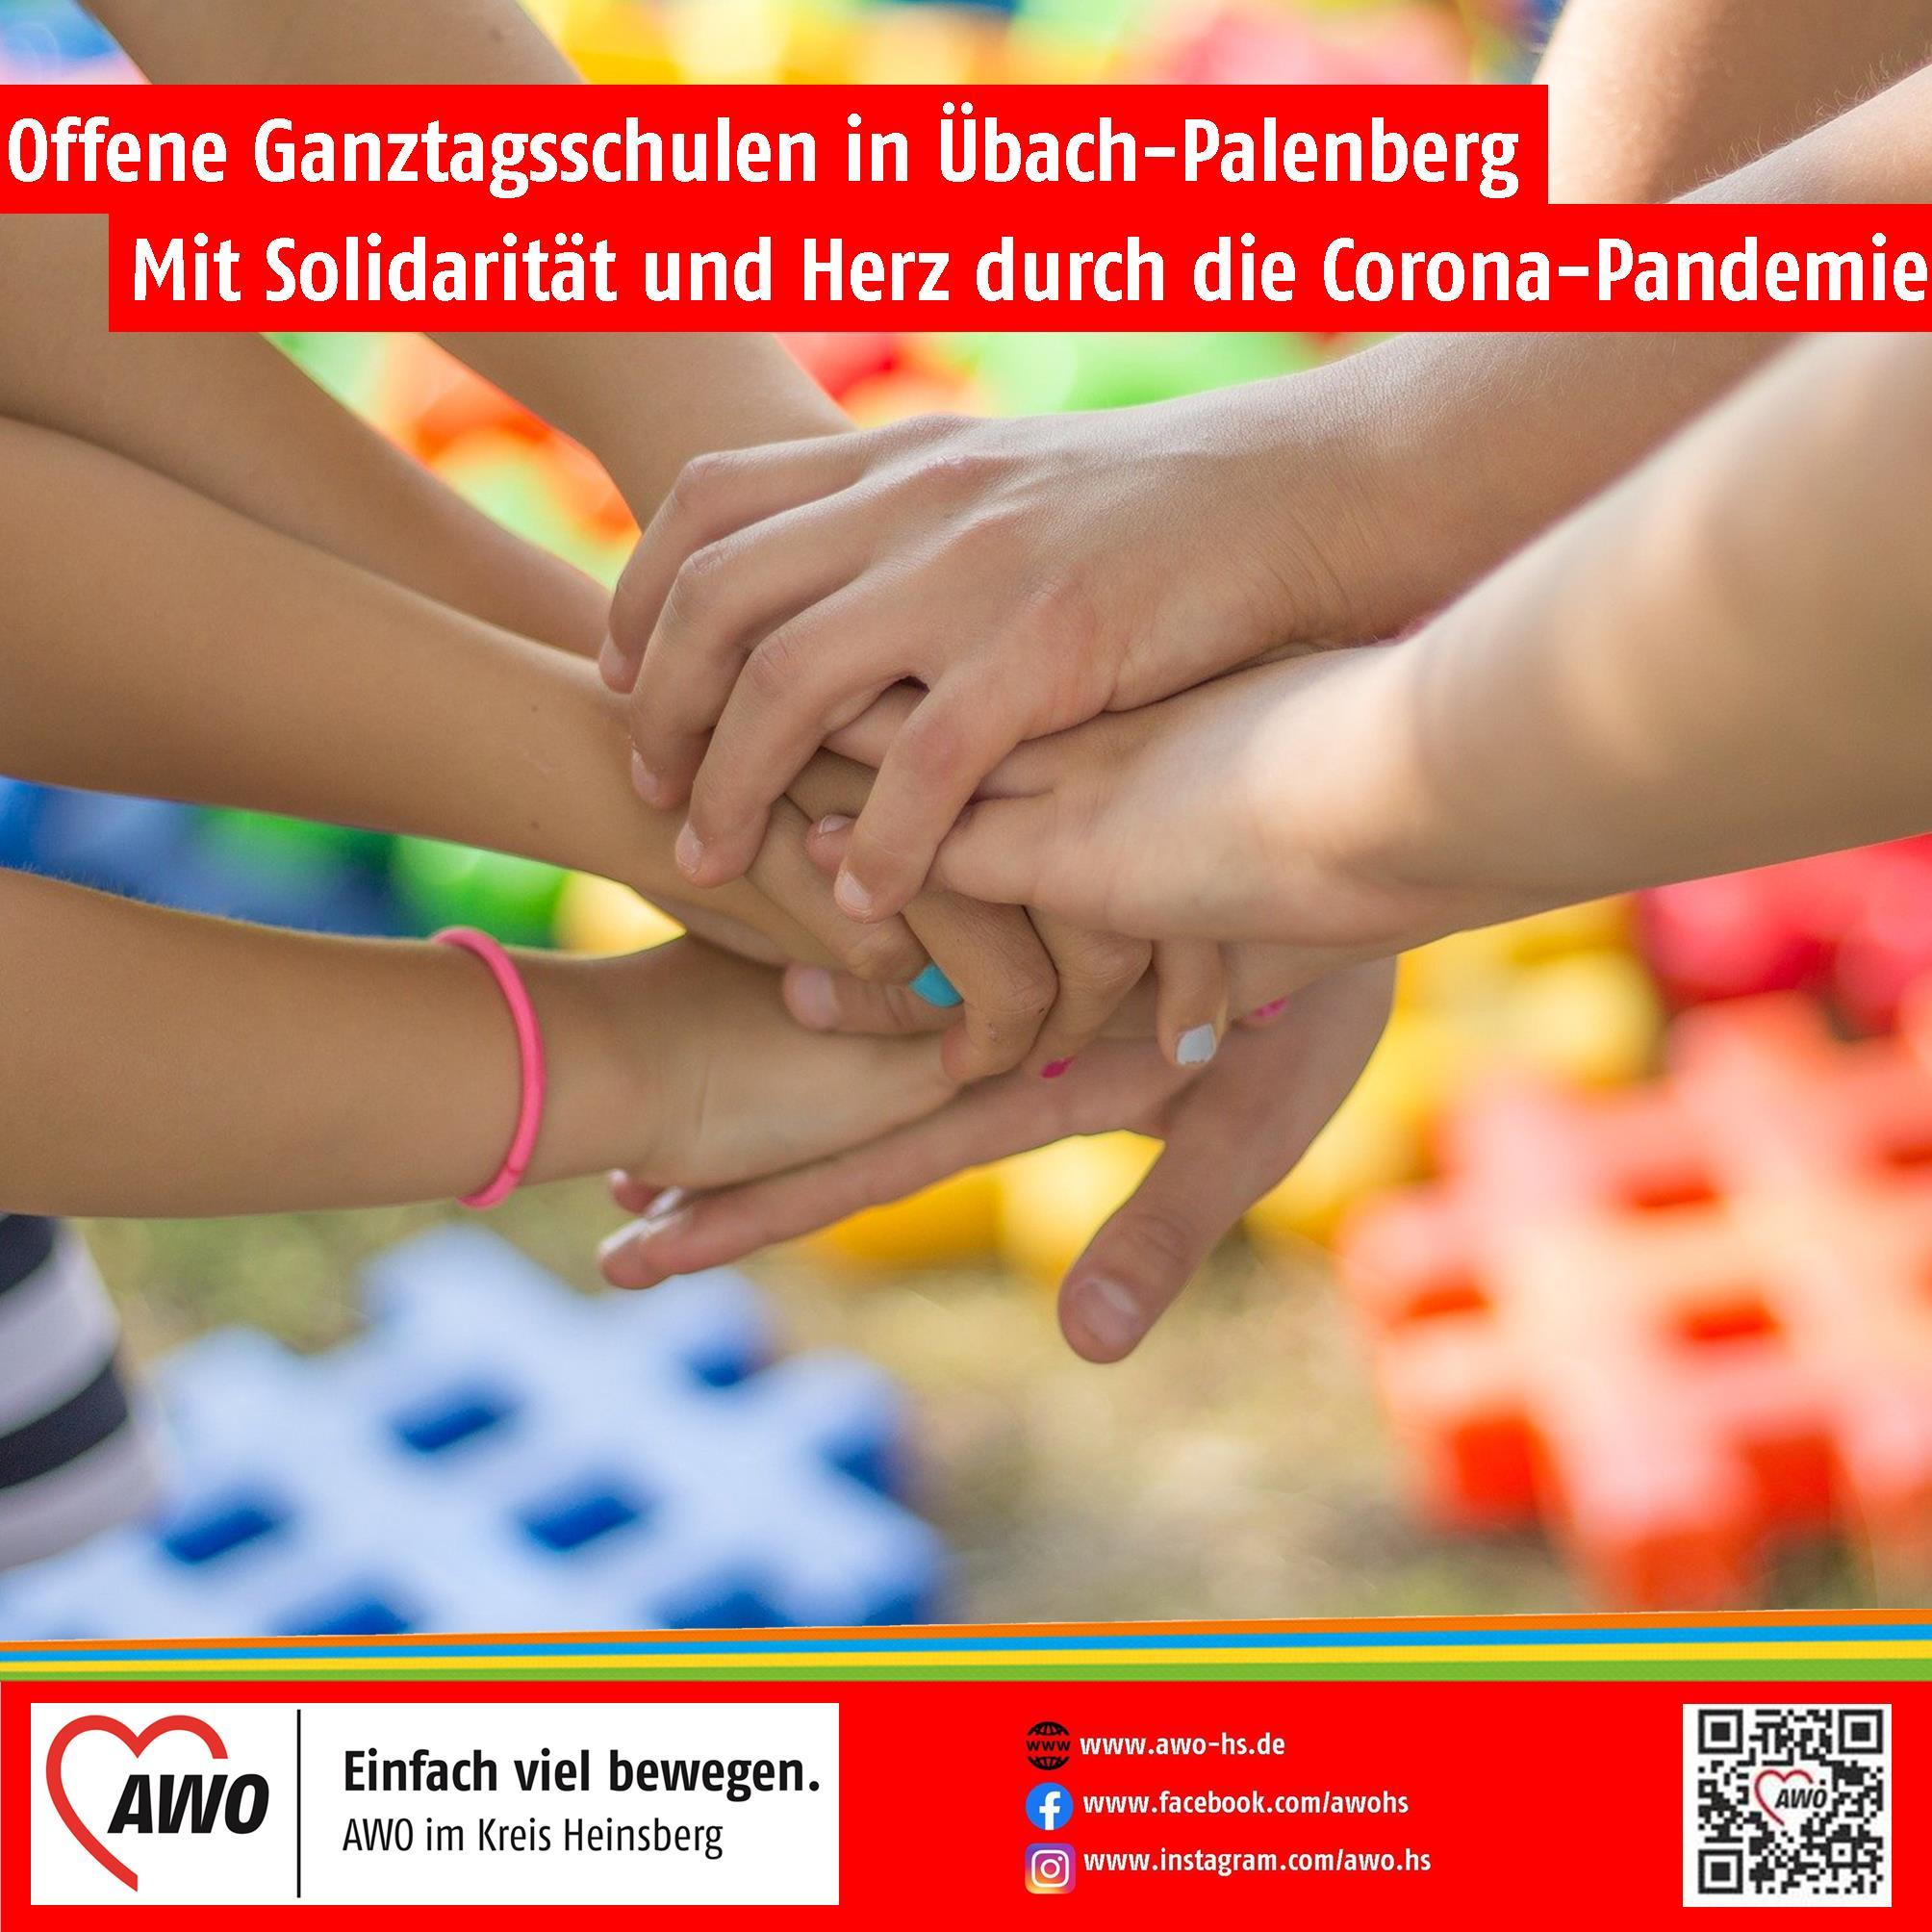 Offene Ganztagsschulen in Übach-Palenberg – Mit Solidarität und Herz durch die Corona-Pandemie 1